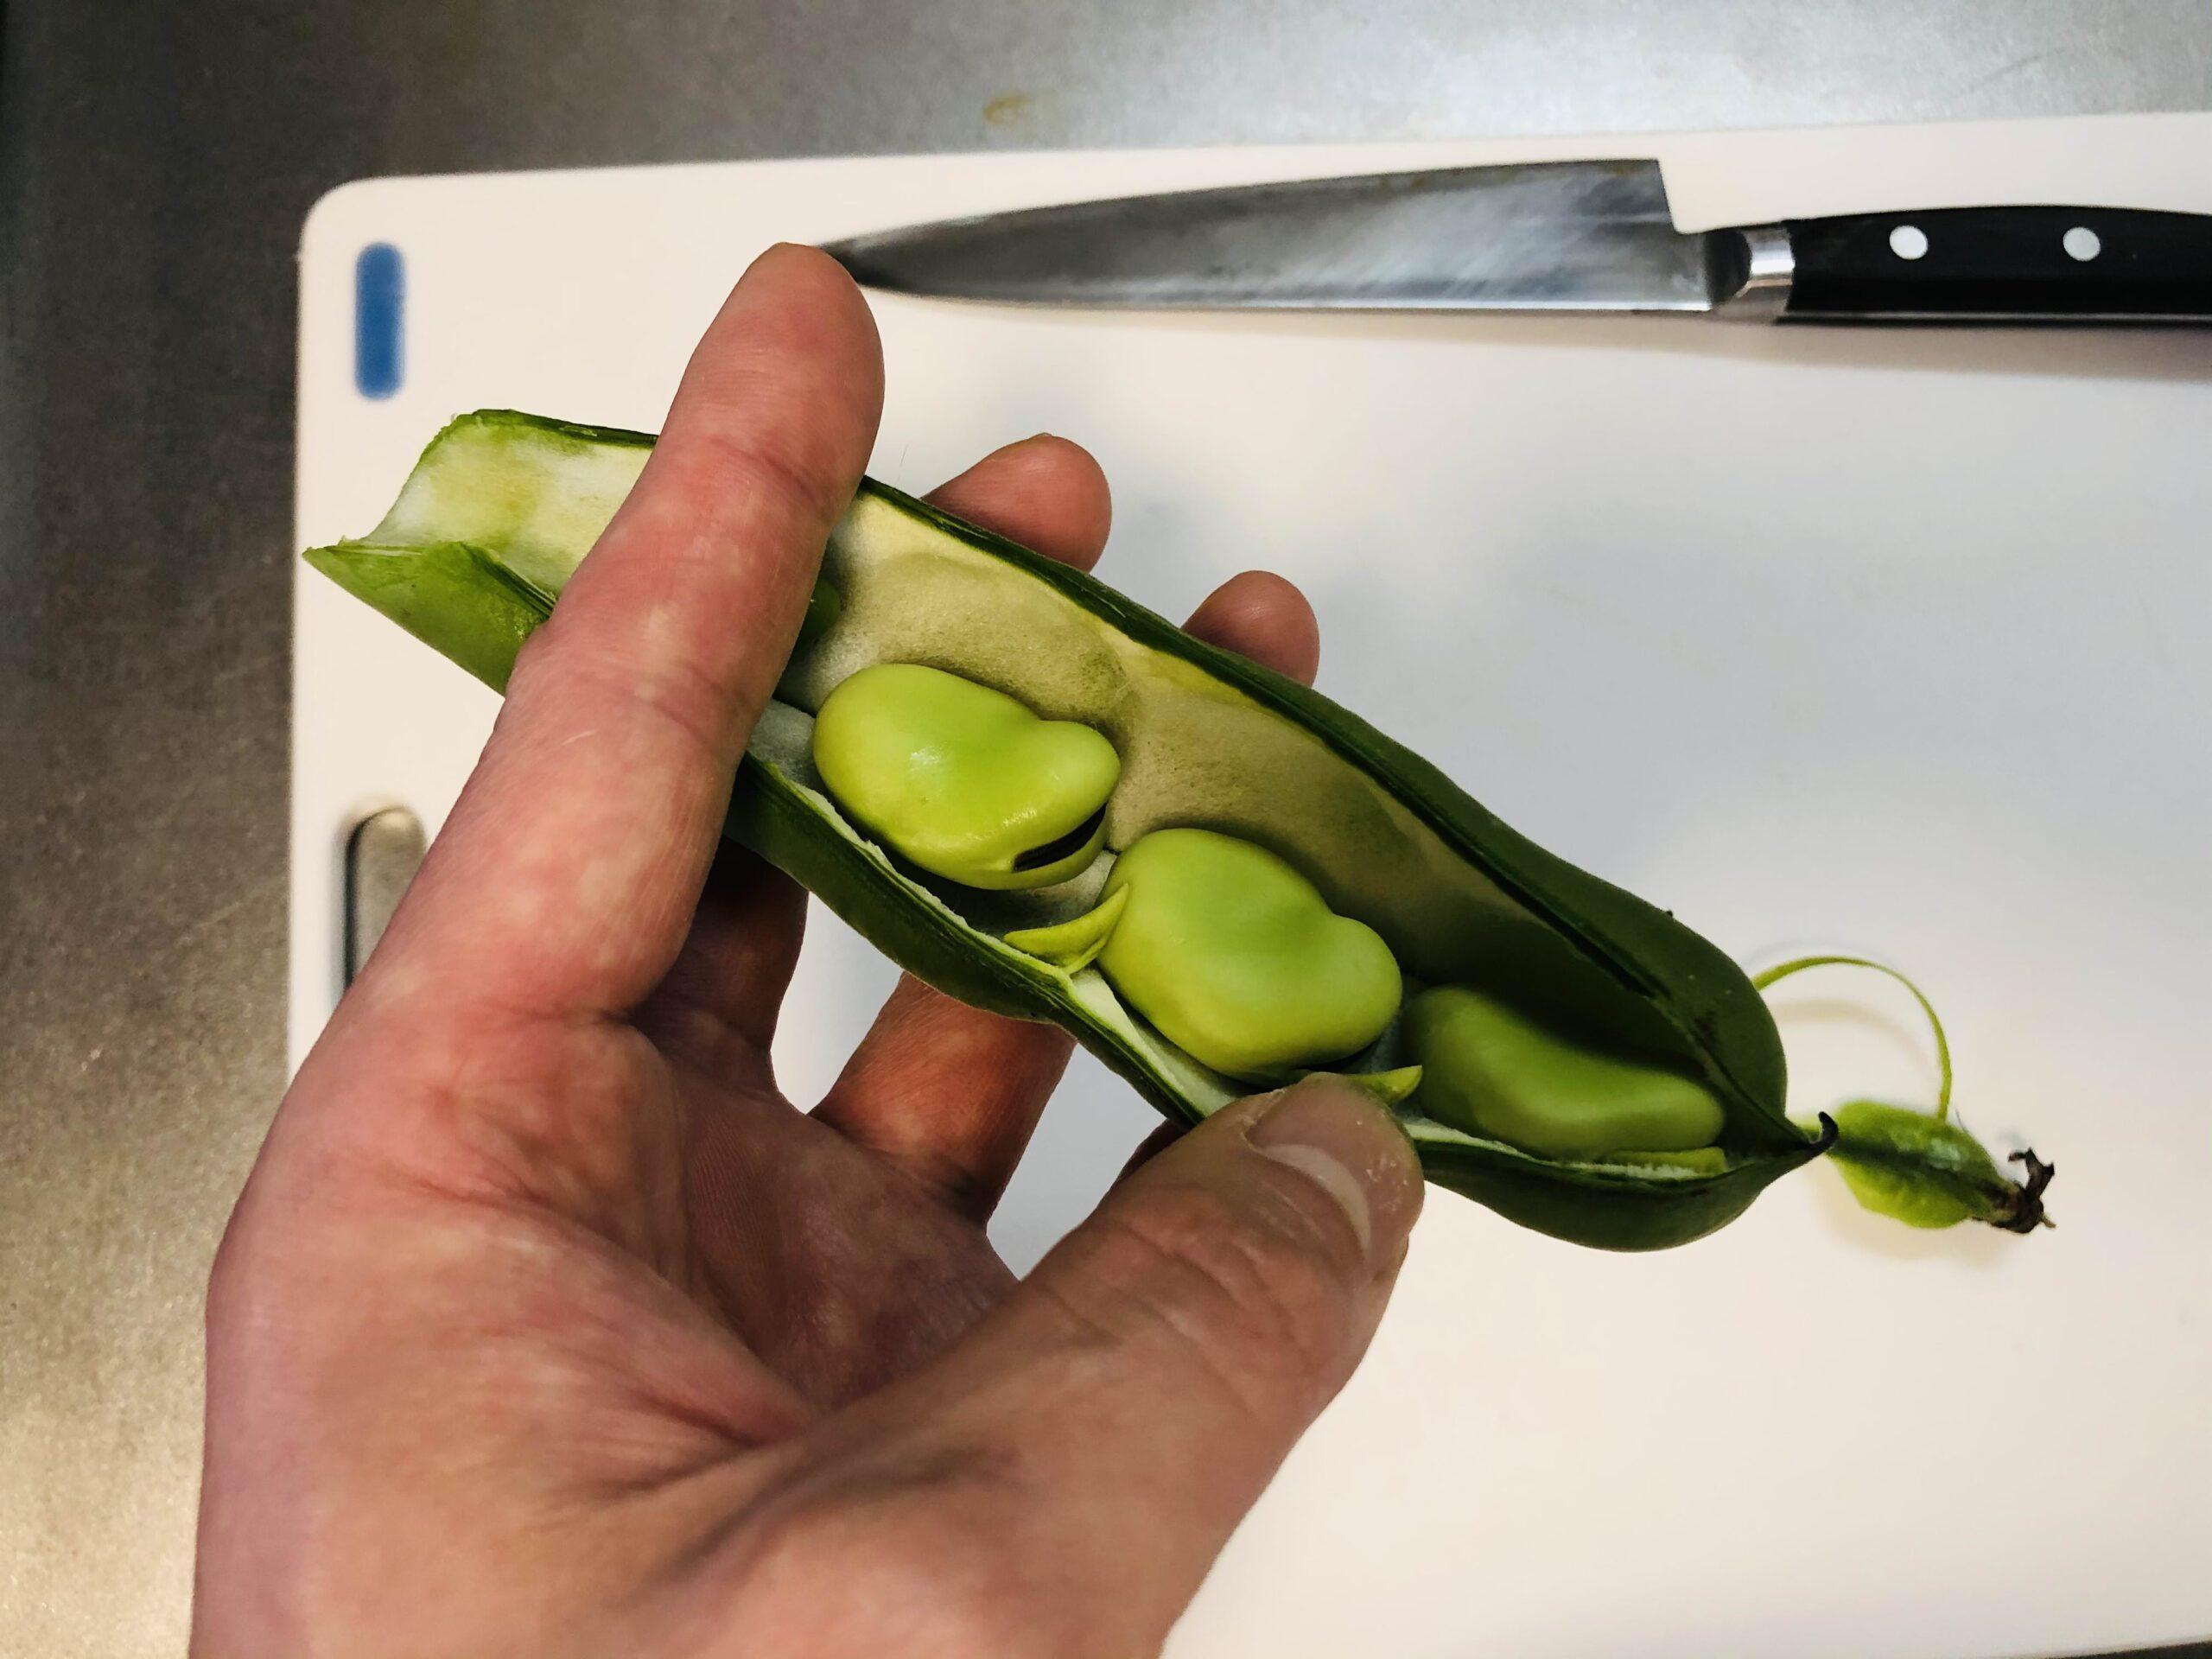 そら豆の鞘を割って豆が出てきた画像です